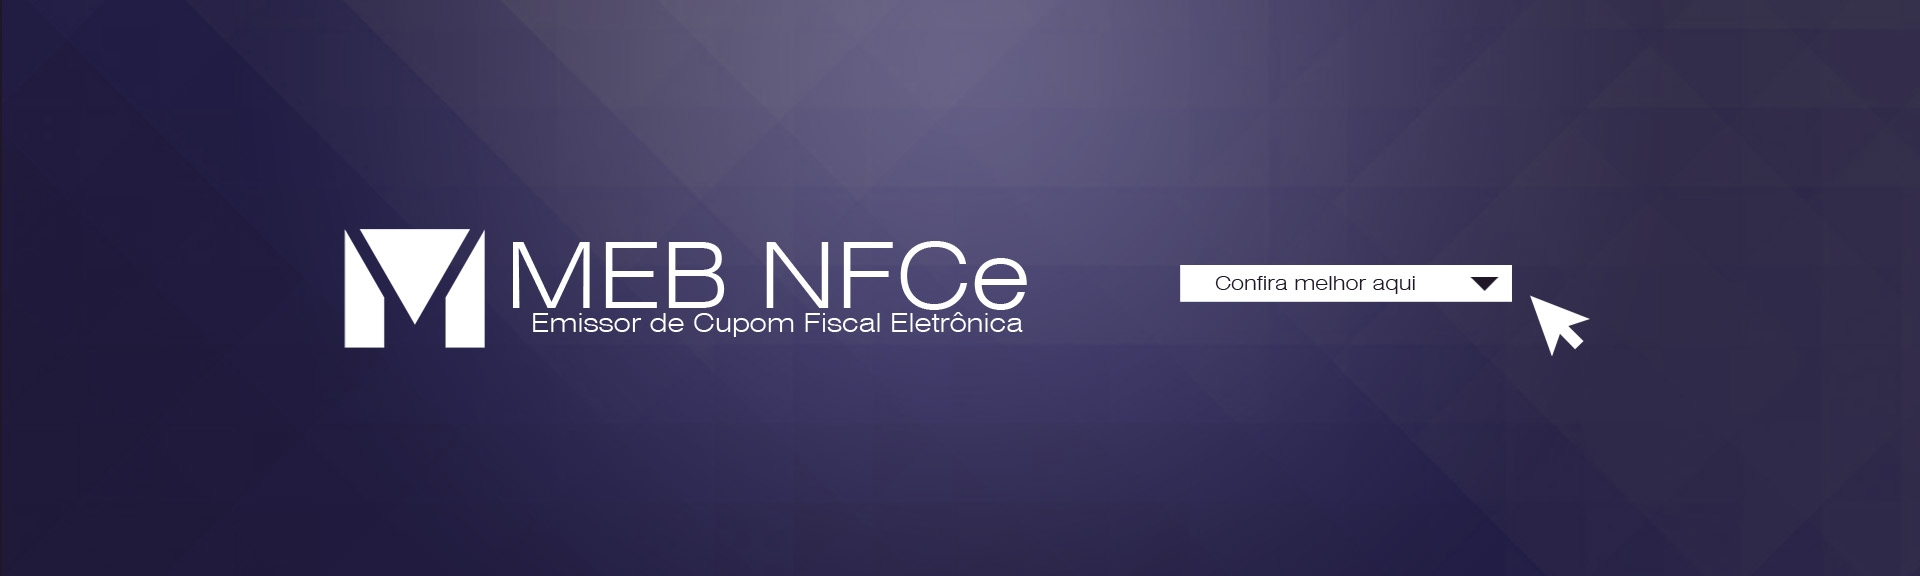 MEB NFCe